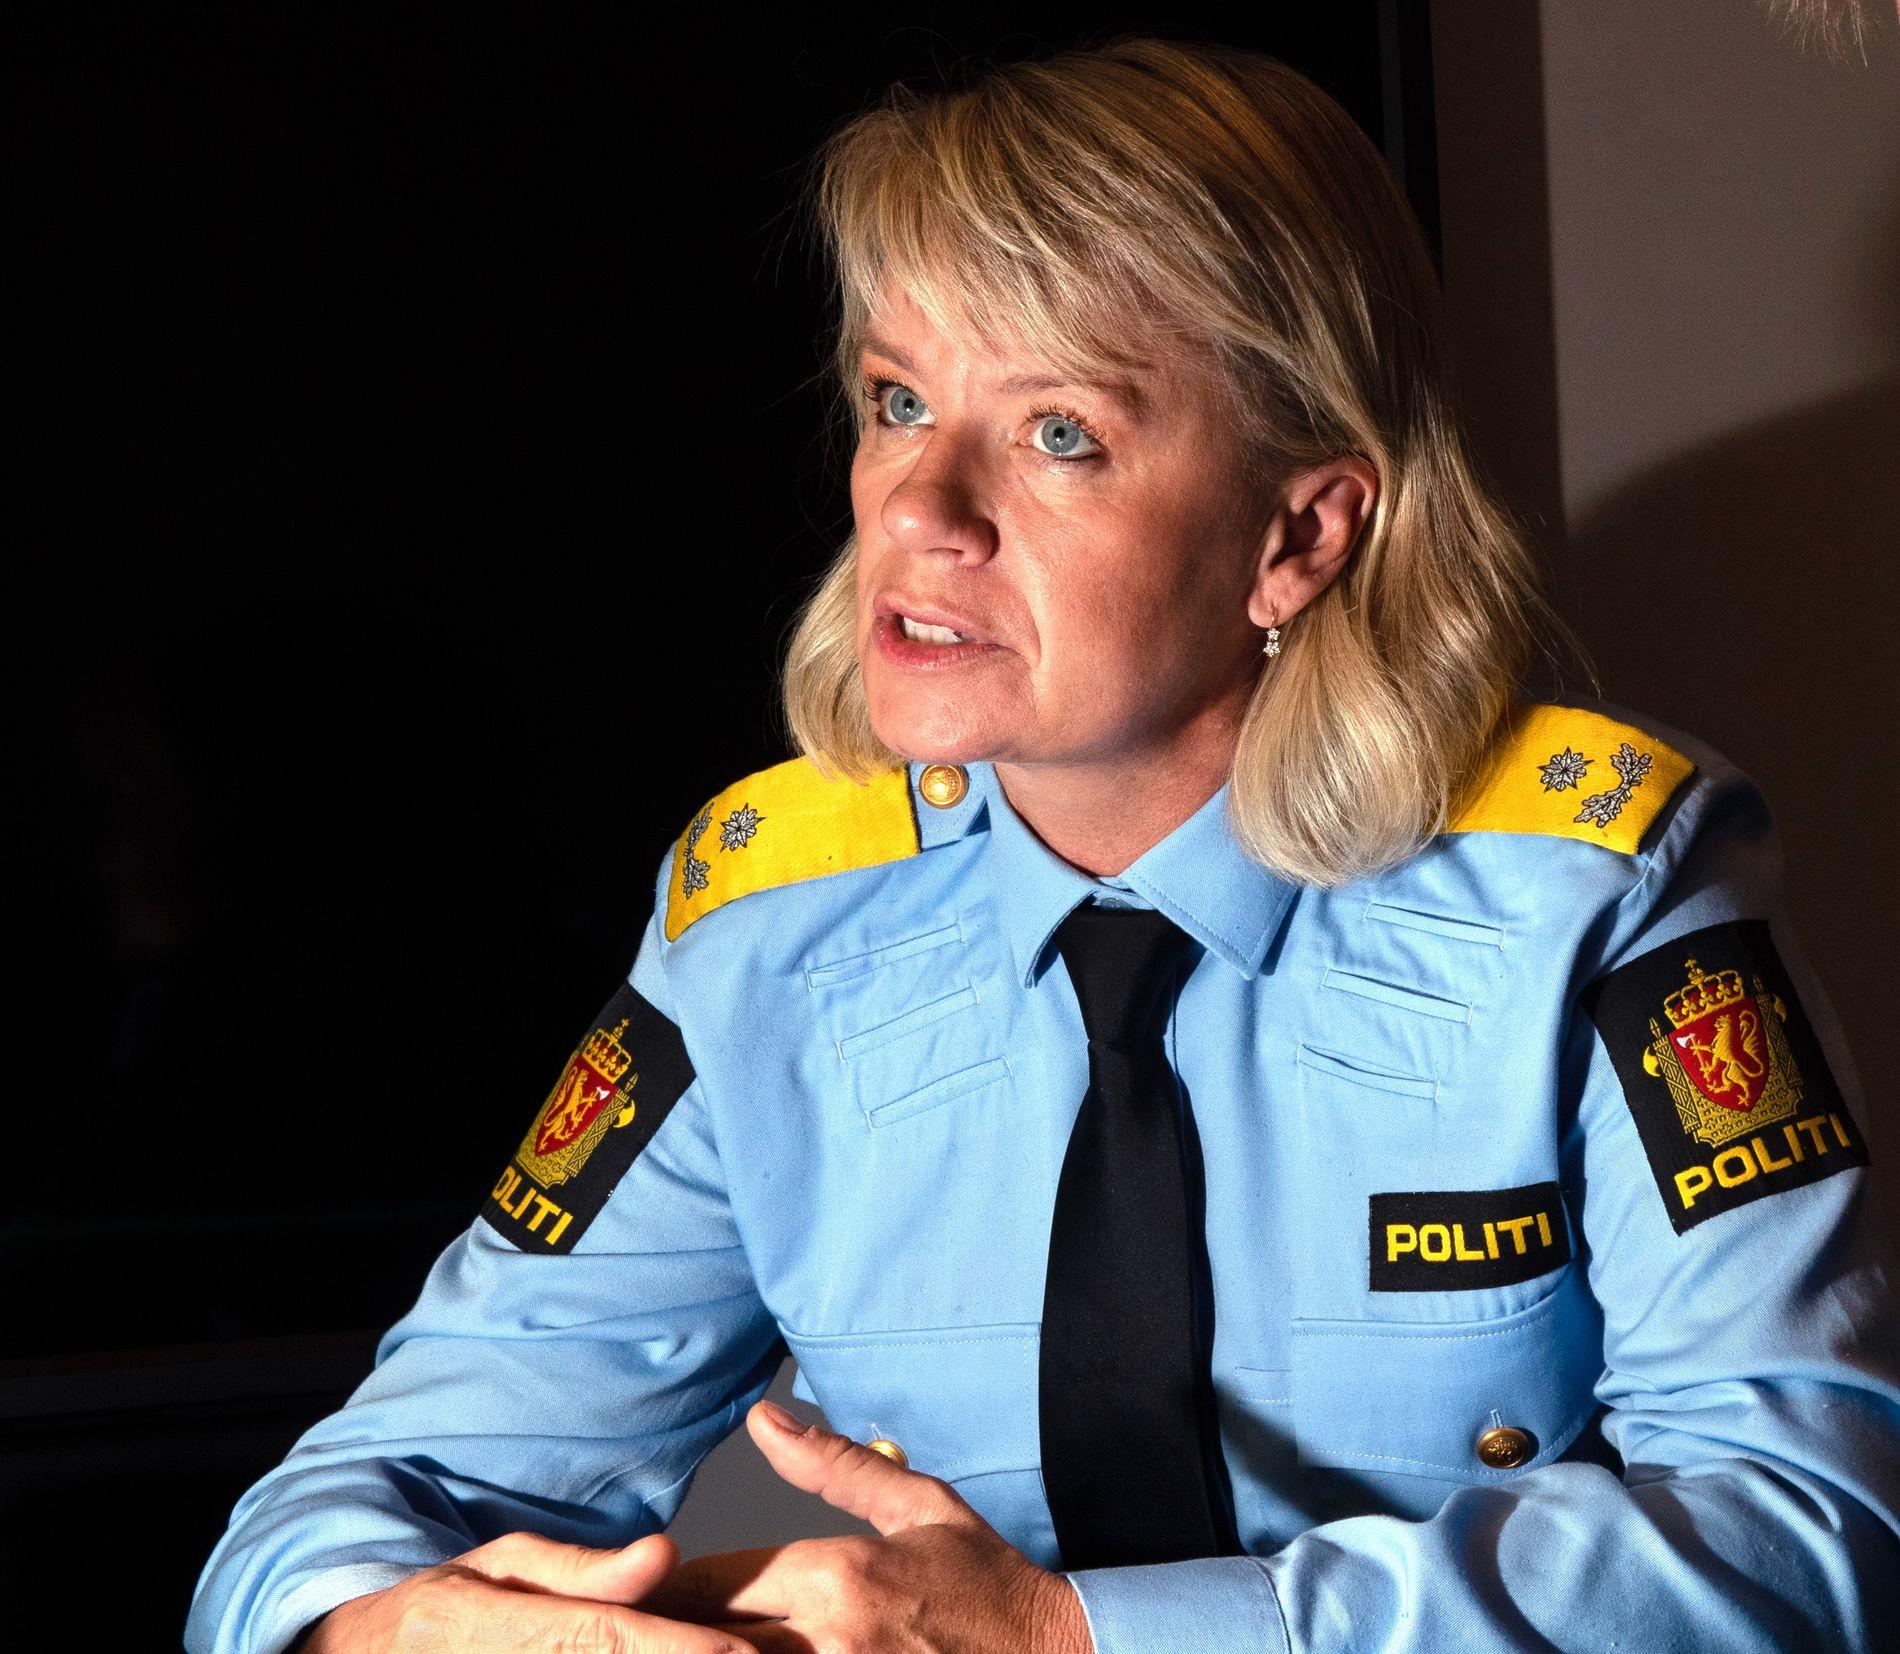 IKKE FORNØYD: Visepolitimester Ida Melbo Øystese sier at de nå må se nærmere på kvaliteten av sakene.